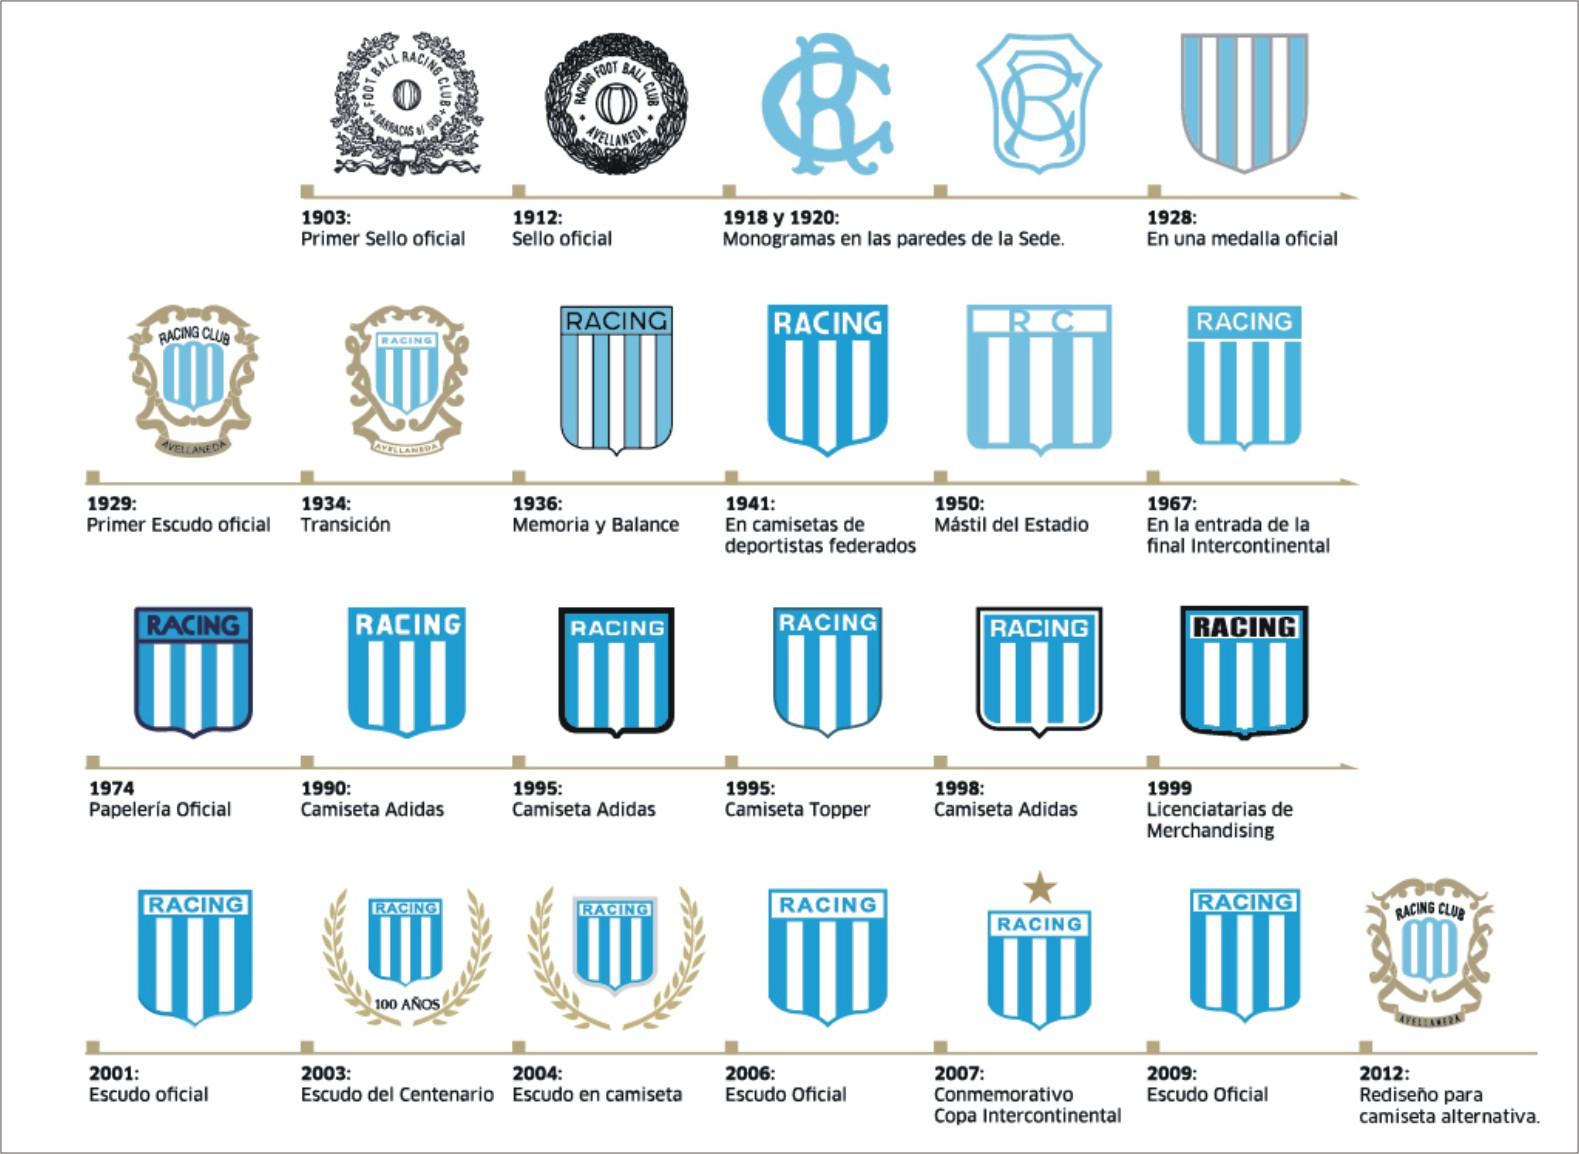 La hinchada de Racing Club de Avellaneda en videos